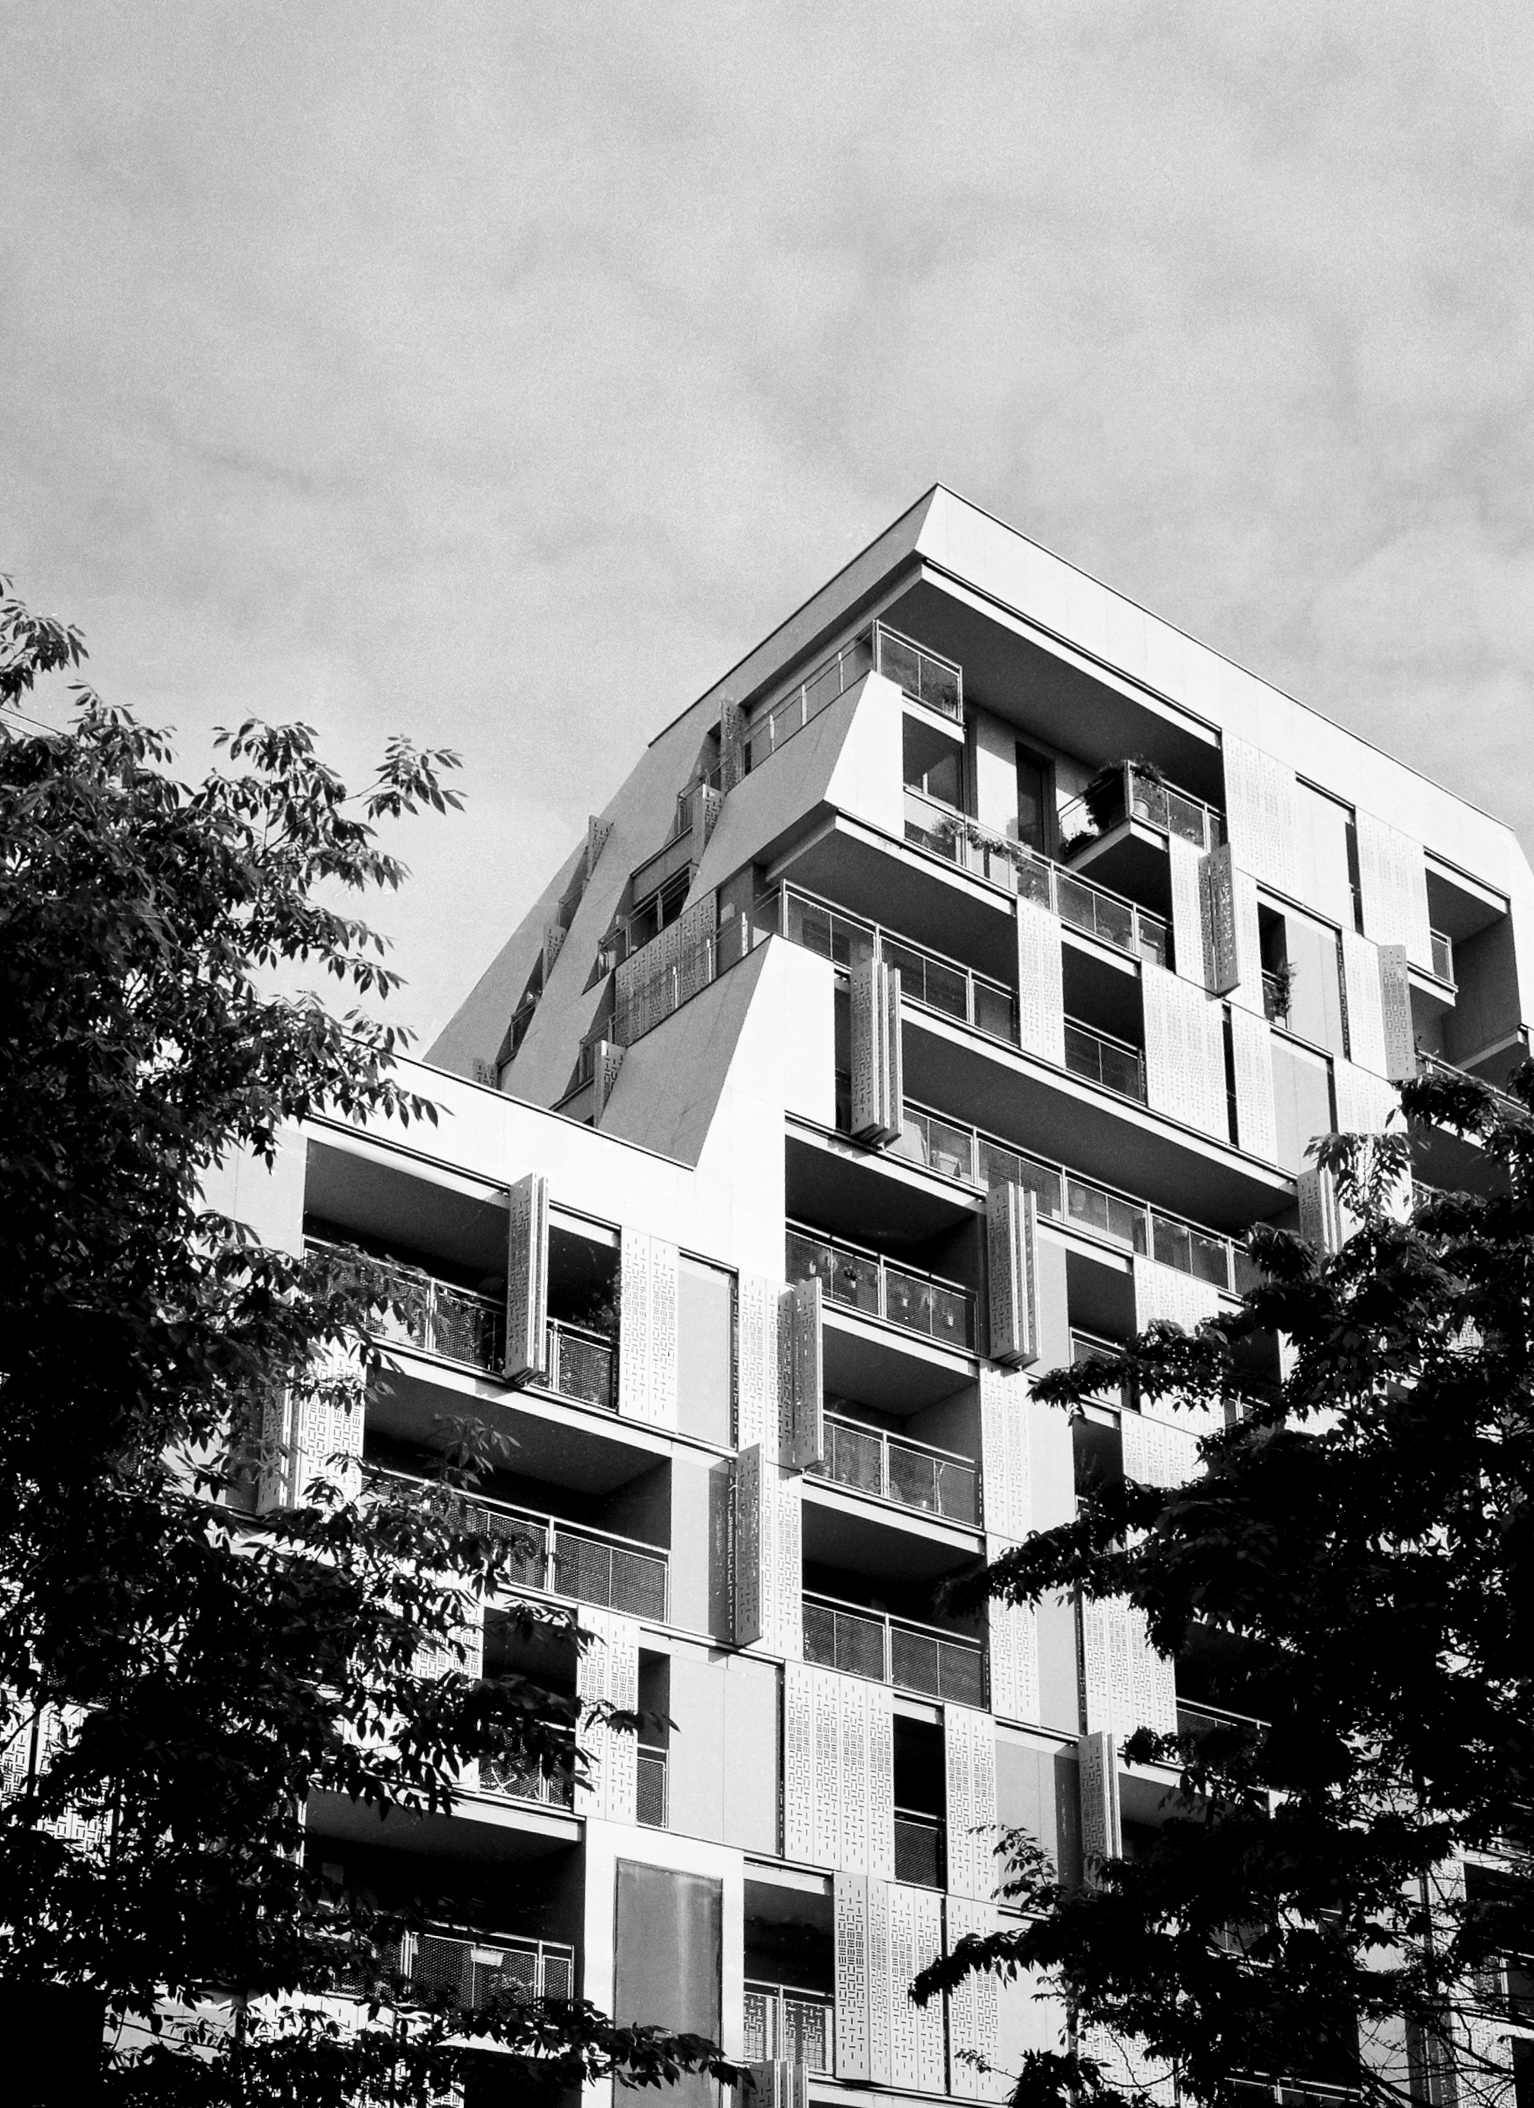 Architecture / Paris, Batignoll - j_cortie   ello